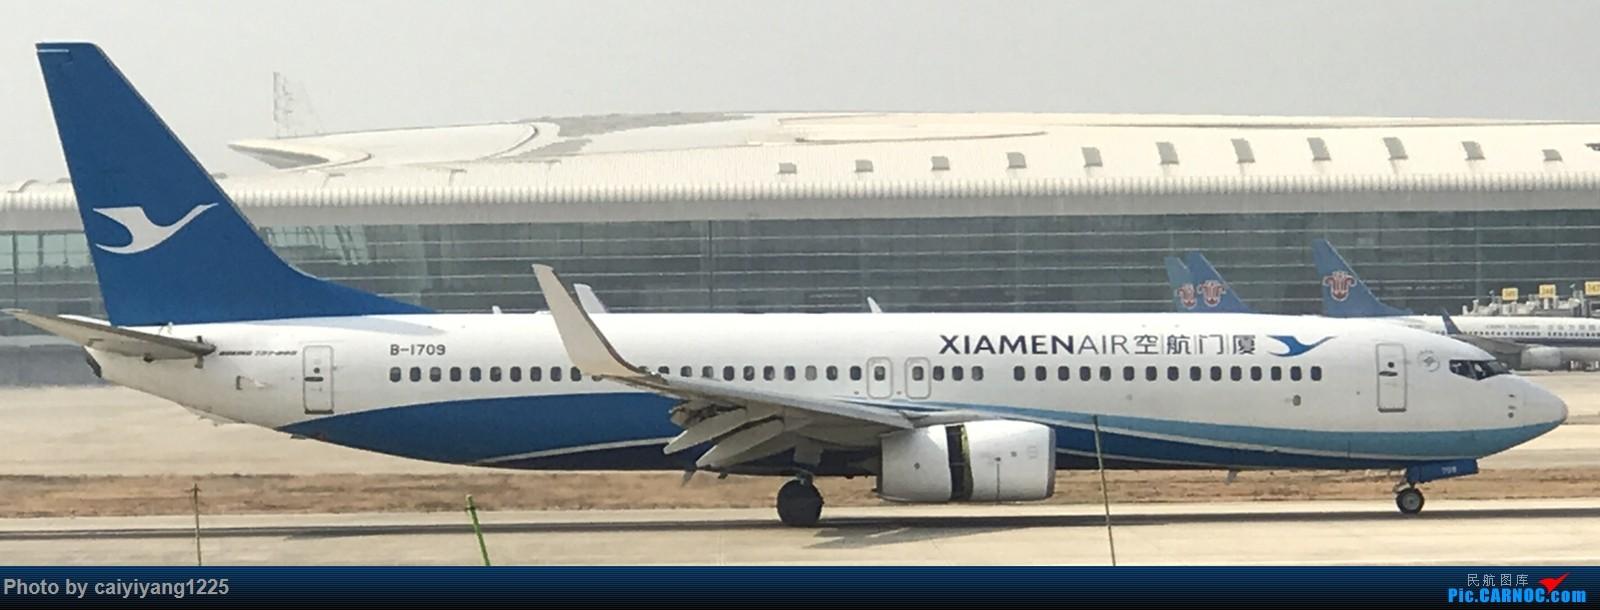 Re:[原创]武汉国庆拍机ps:出门忘带相机 拿手机拍的烂货请见谅! BOEING 737-800 B-1709 武汉天河国际机场